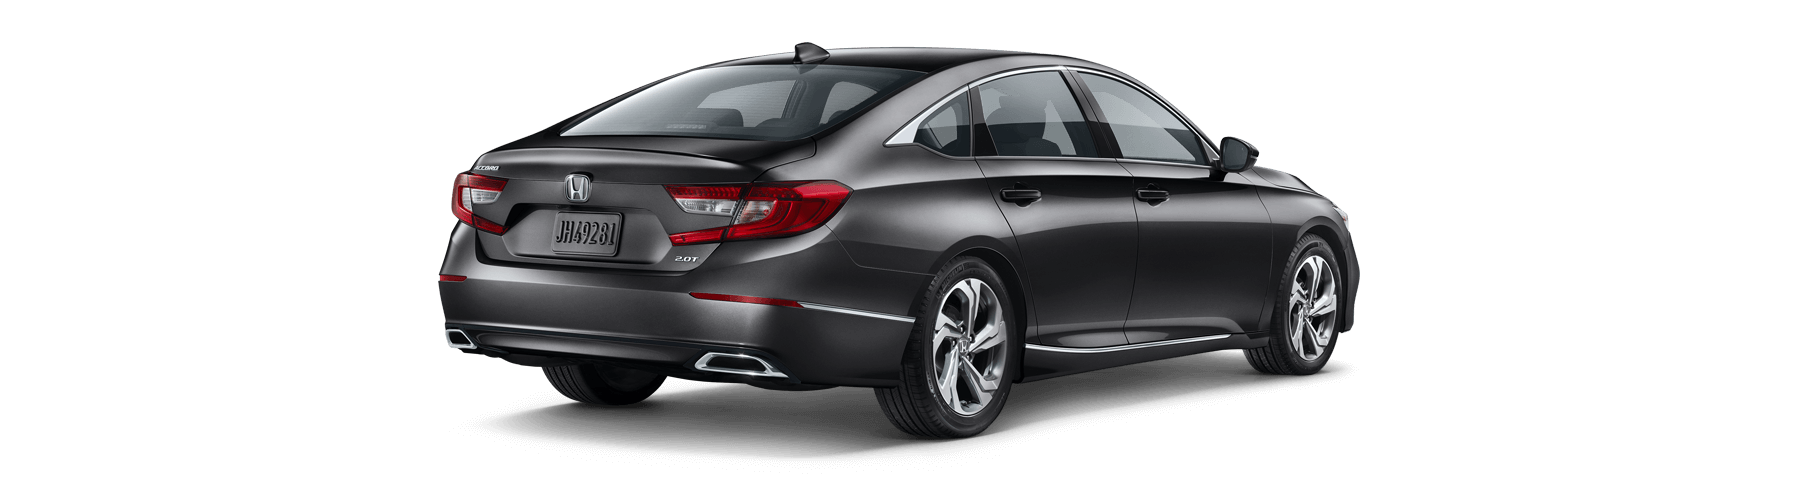 2018 Honda Accord Sedan Rear Angle